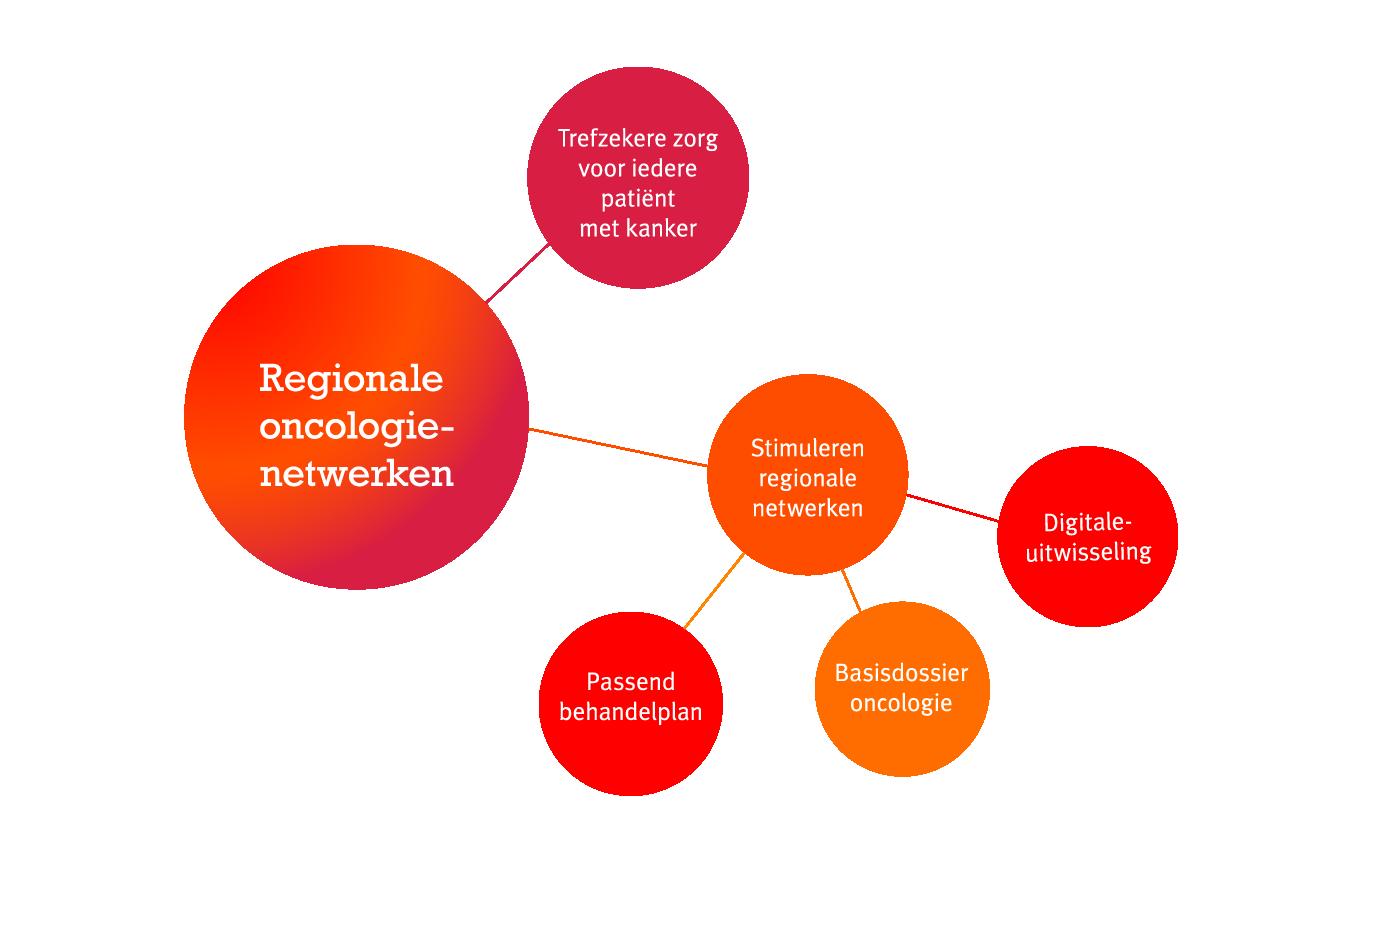 mindmap waarom-zijn-oncologienetwerken-onmisbaar-voor-trefzekere-zorg